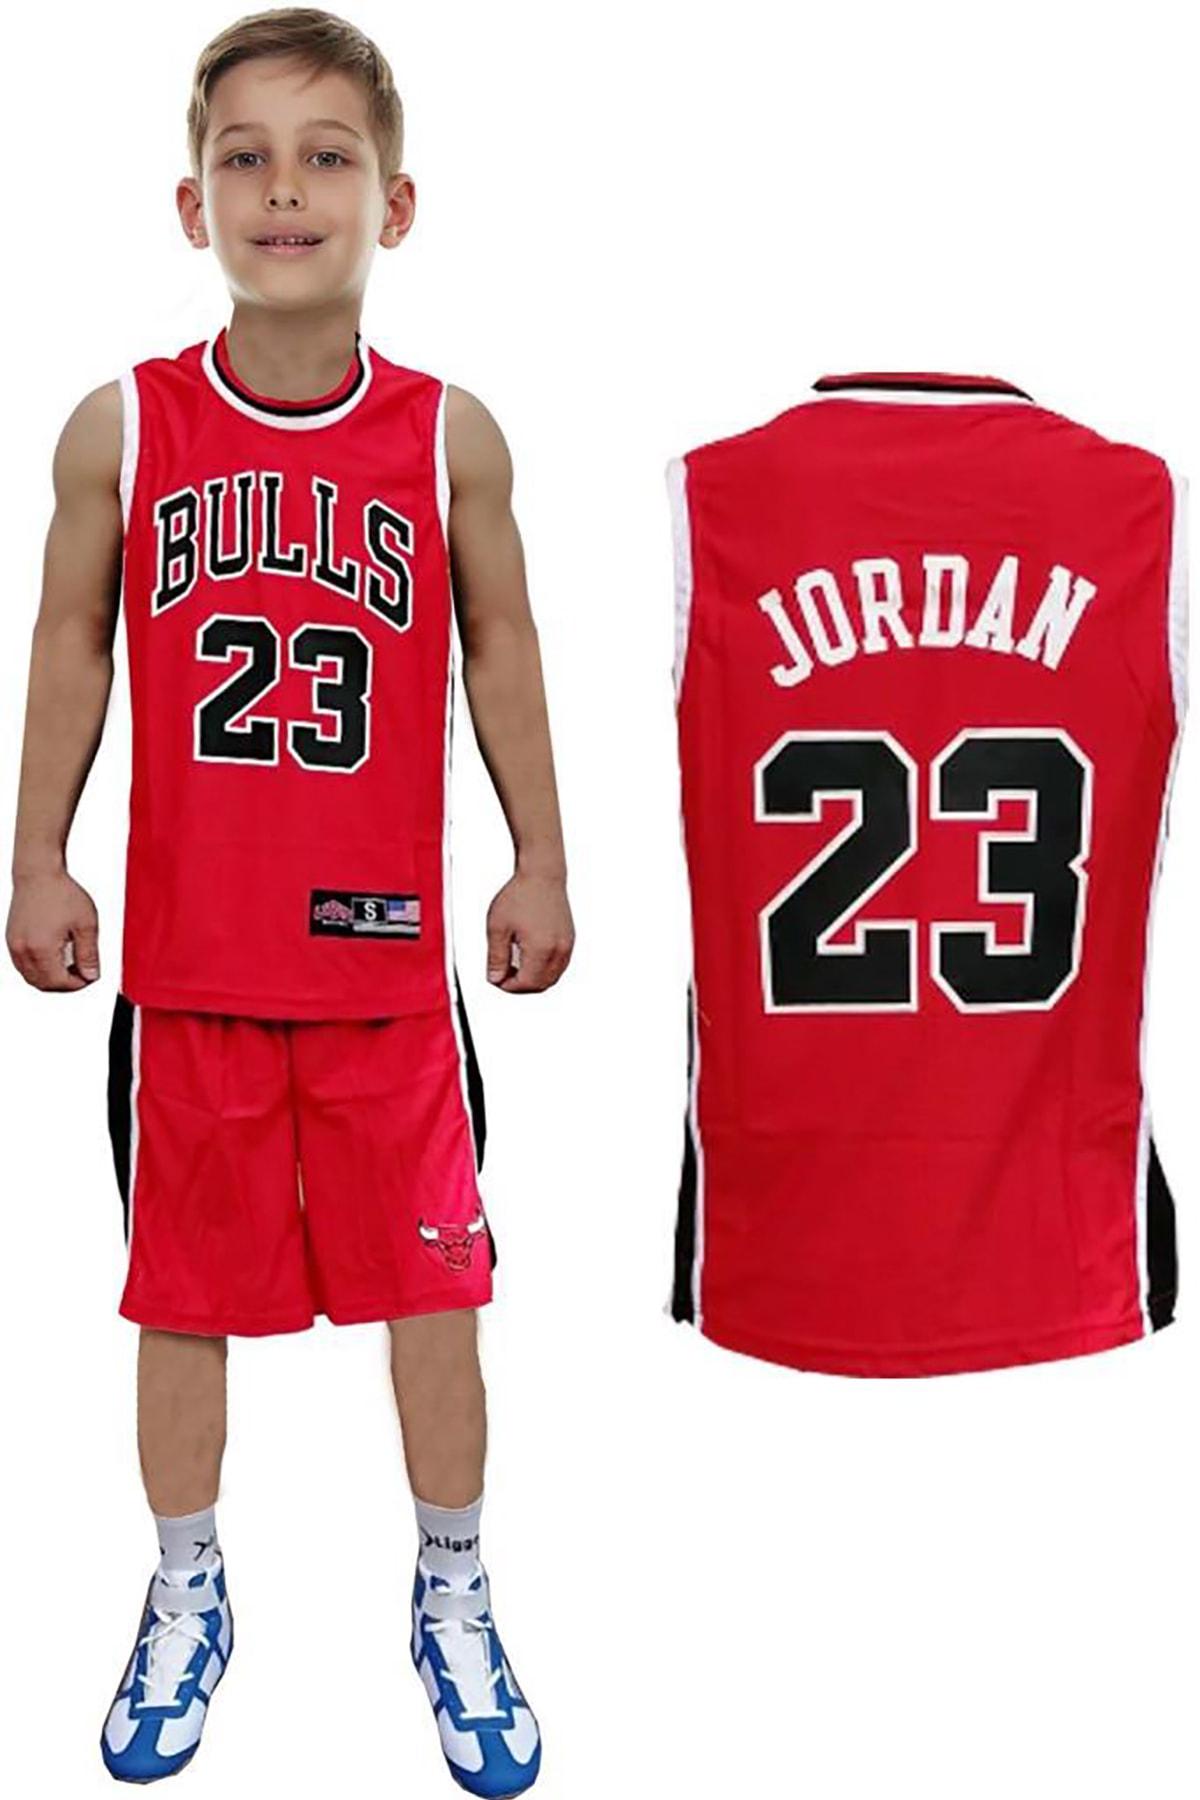 Liggo Chicago Bulls Jordan Çocuk Basketbol Forma Şort Takımı